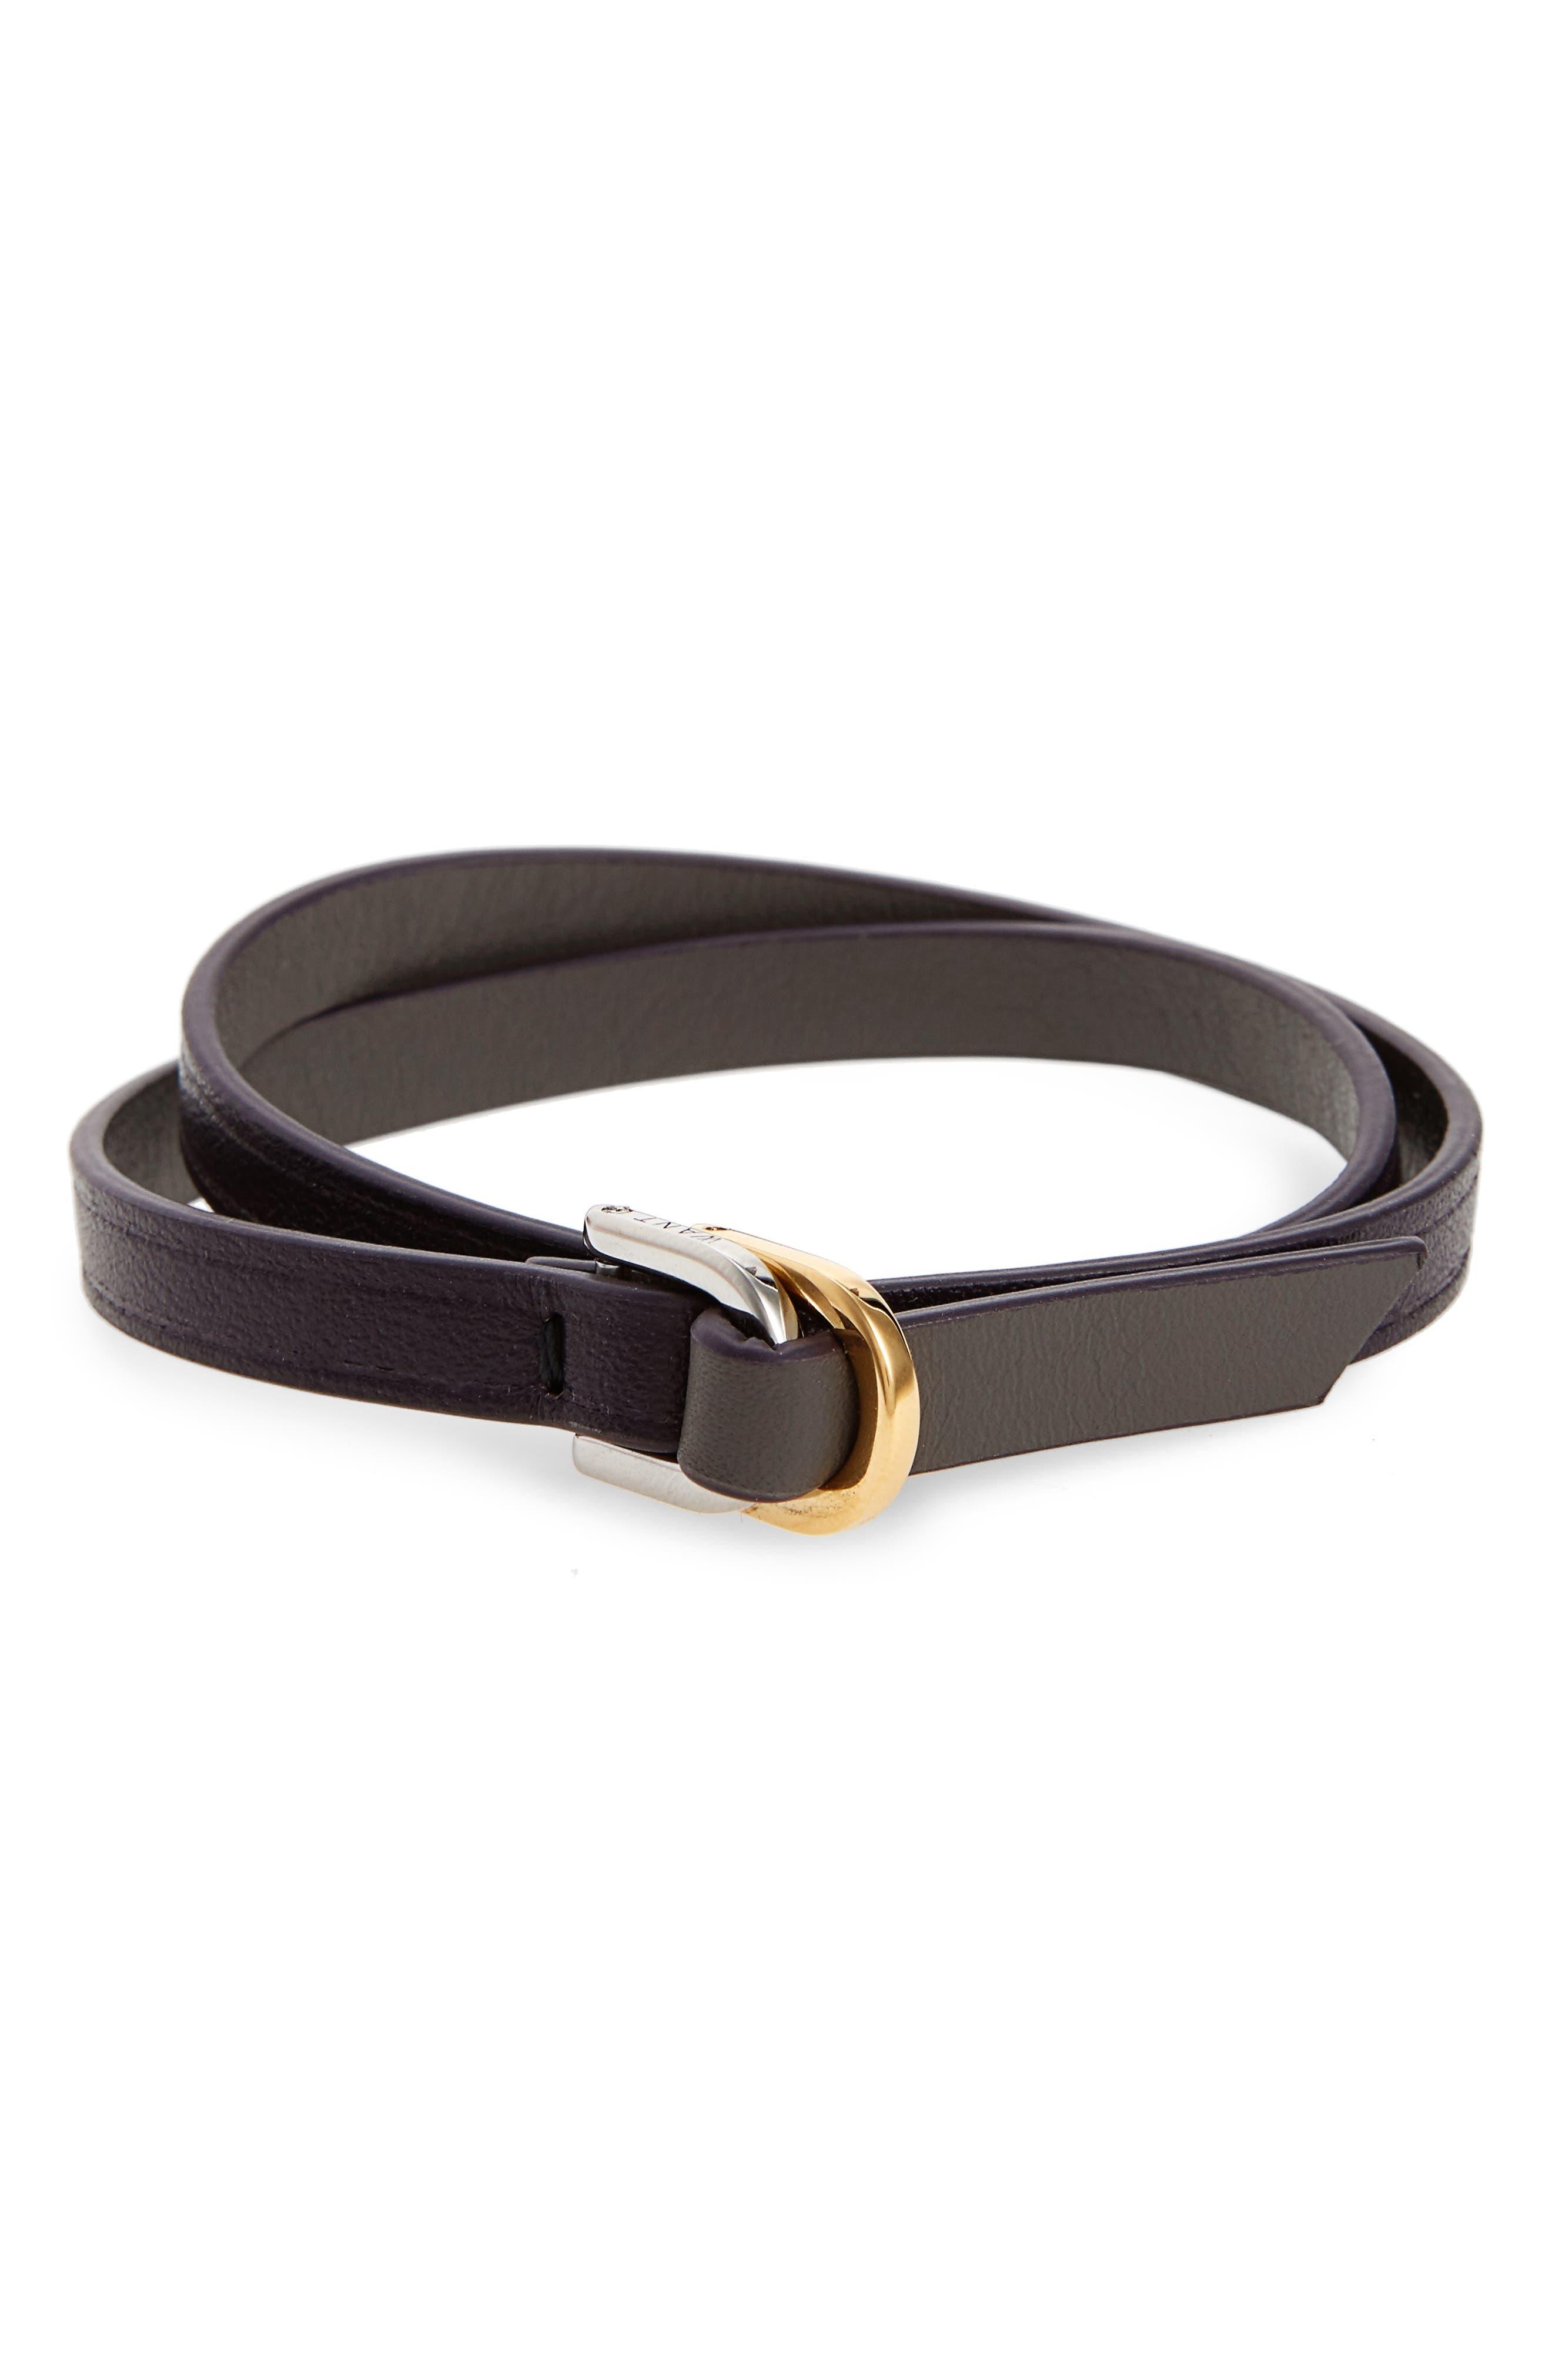 Arlanda Leather Double Wrap Bracelet,                         Main,                         color, Berry/ Graphite